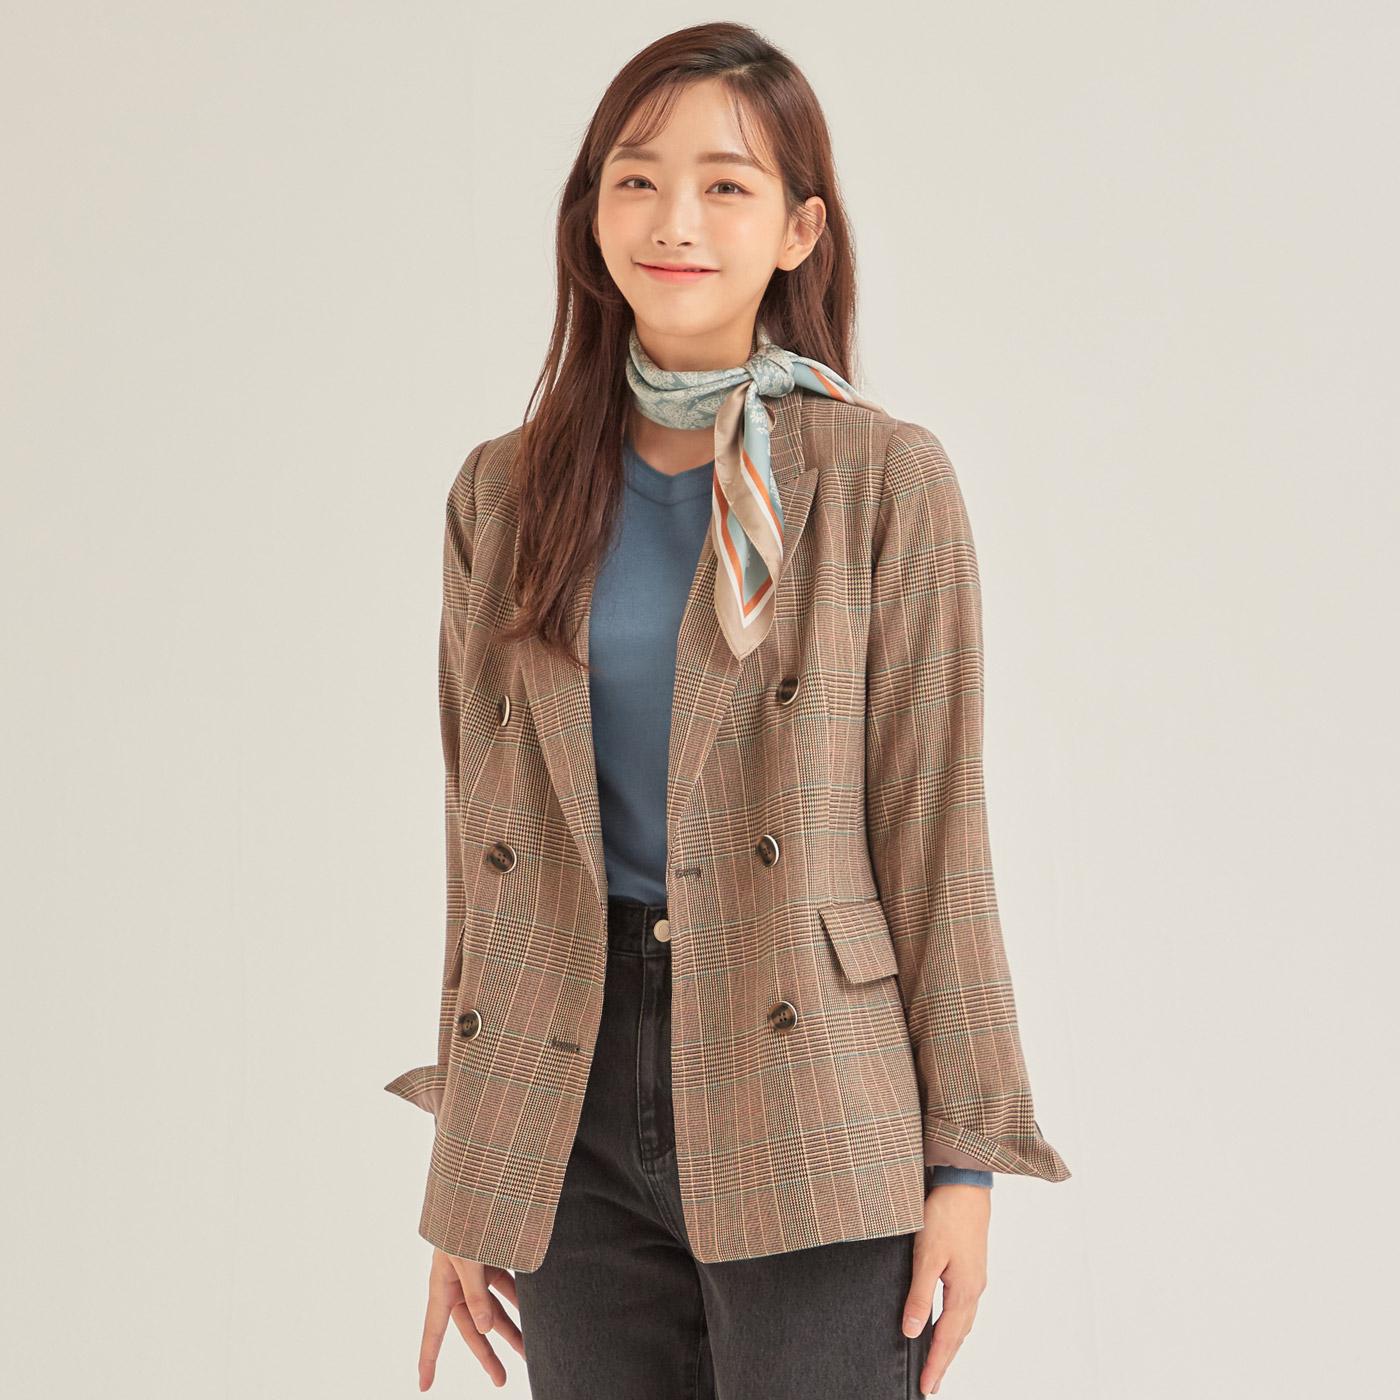 로엠 여성용 테일러드 수트 2 더블 자켓